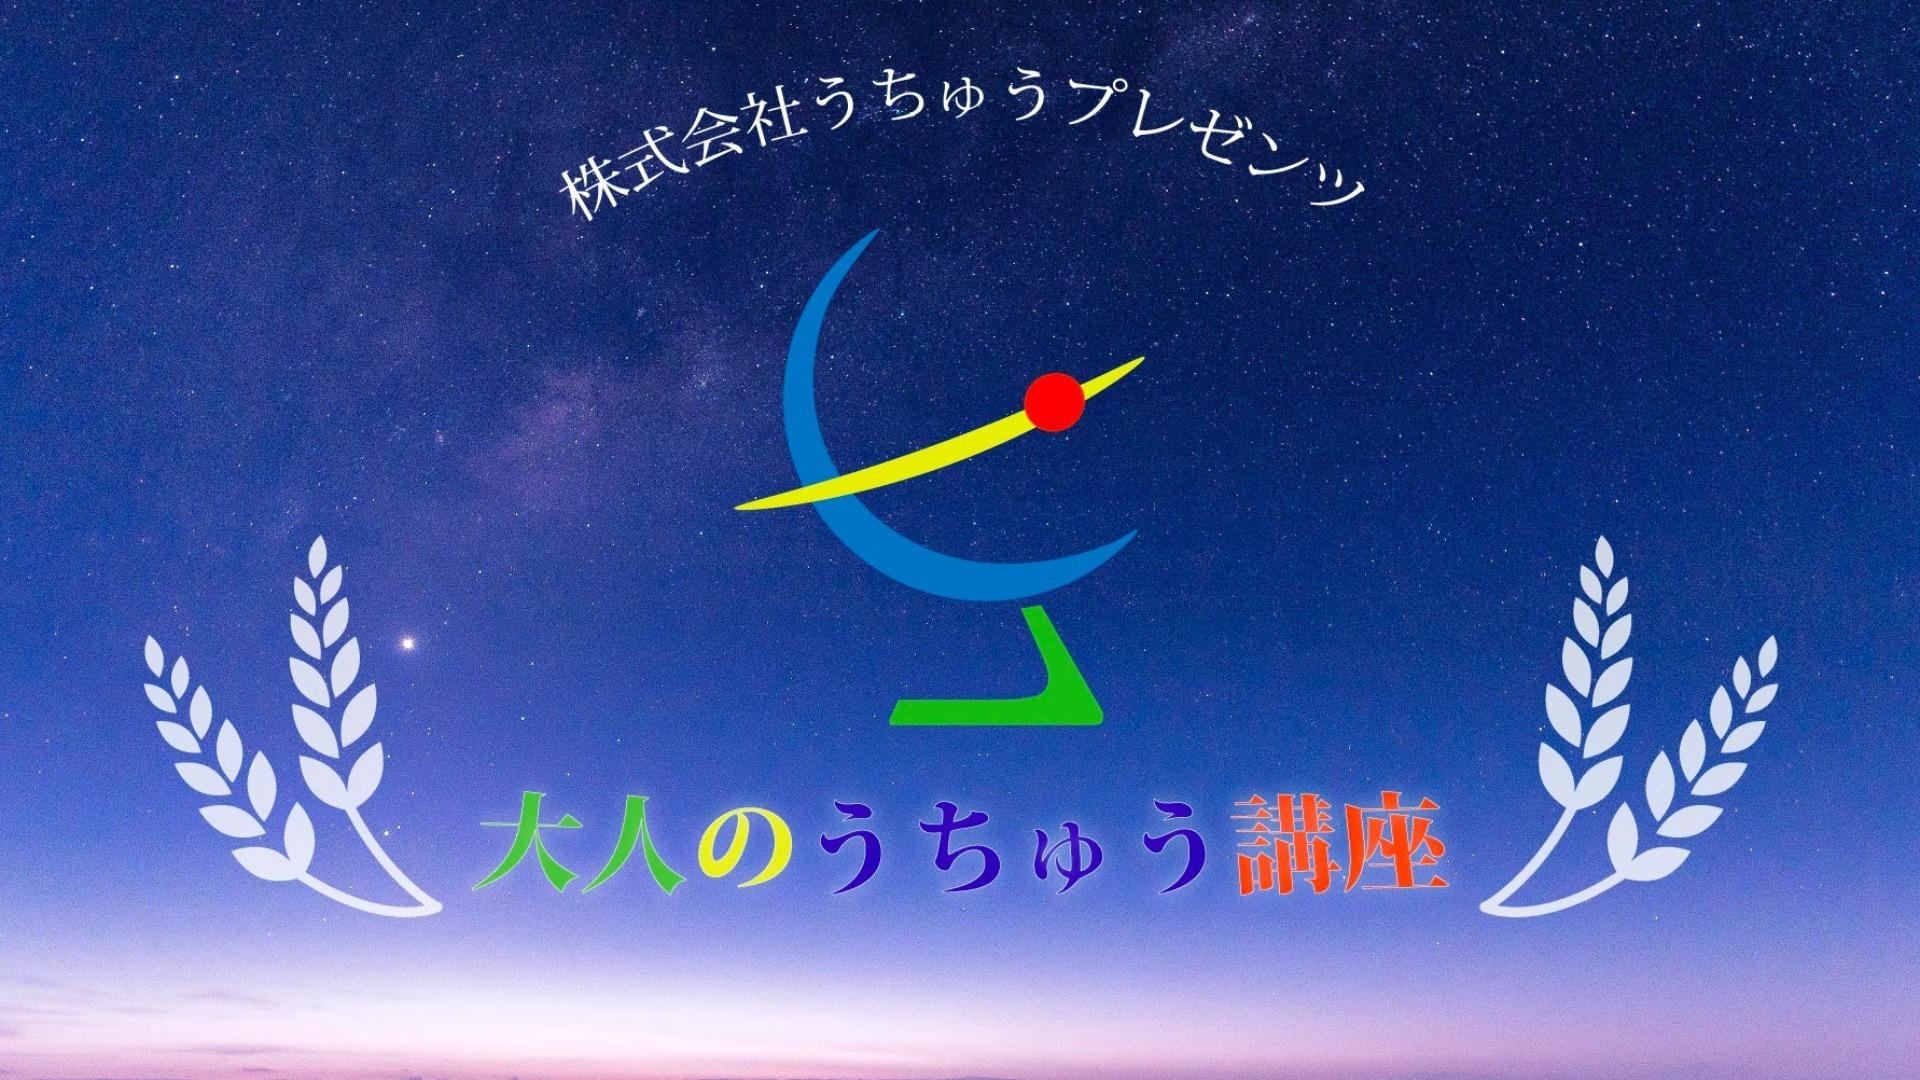 大人のうちゅう講座〜宇宙ビジネスの潮流〜